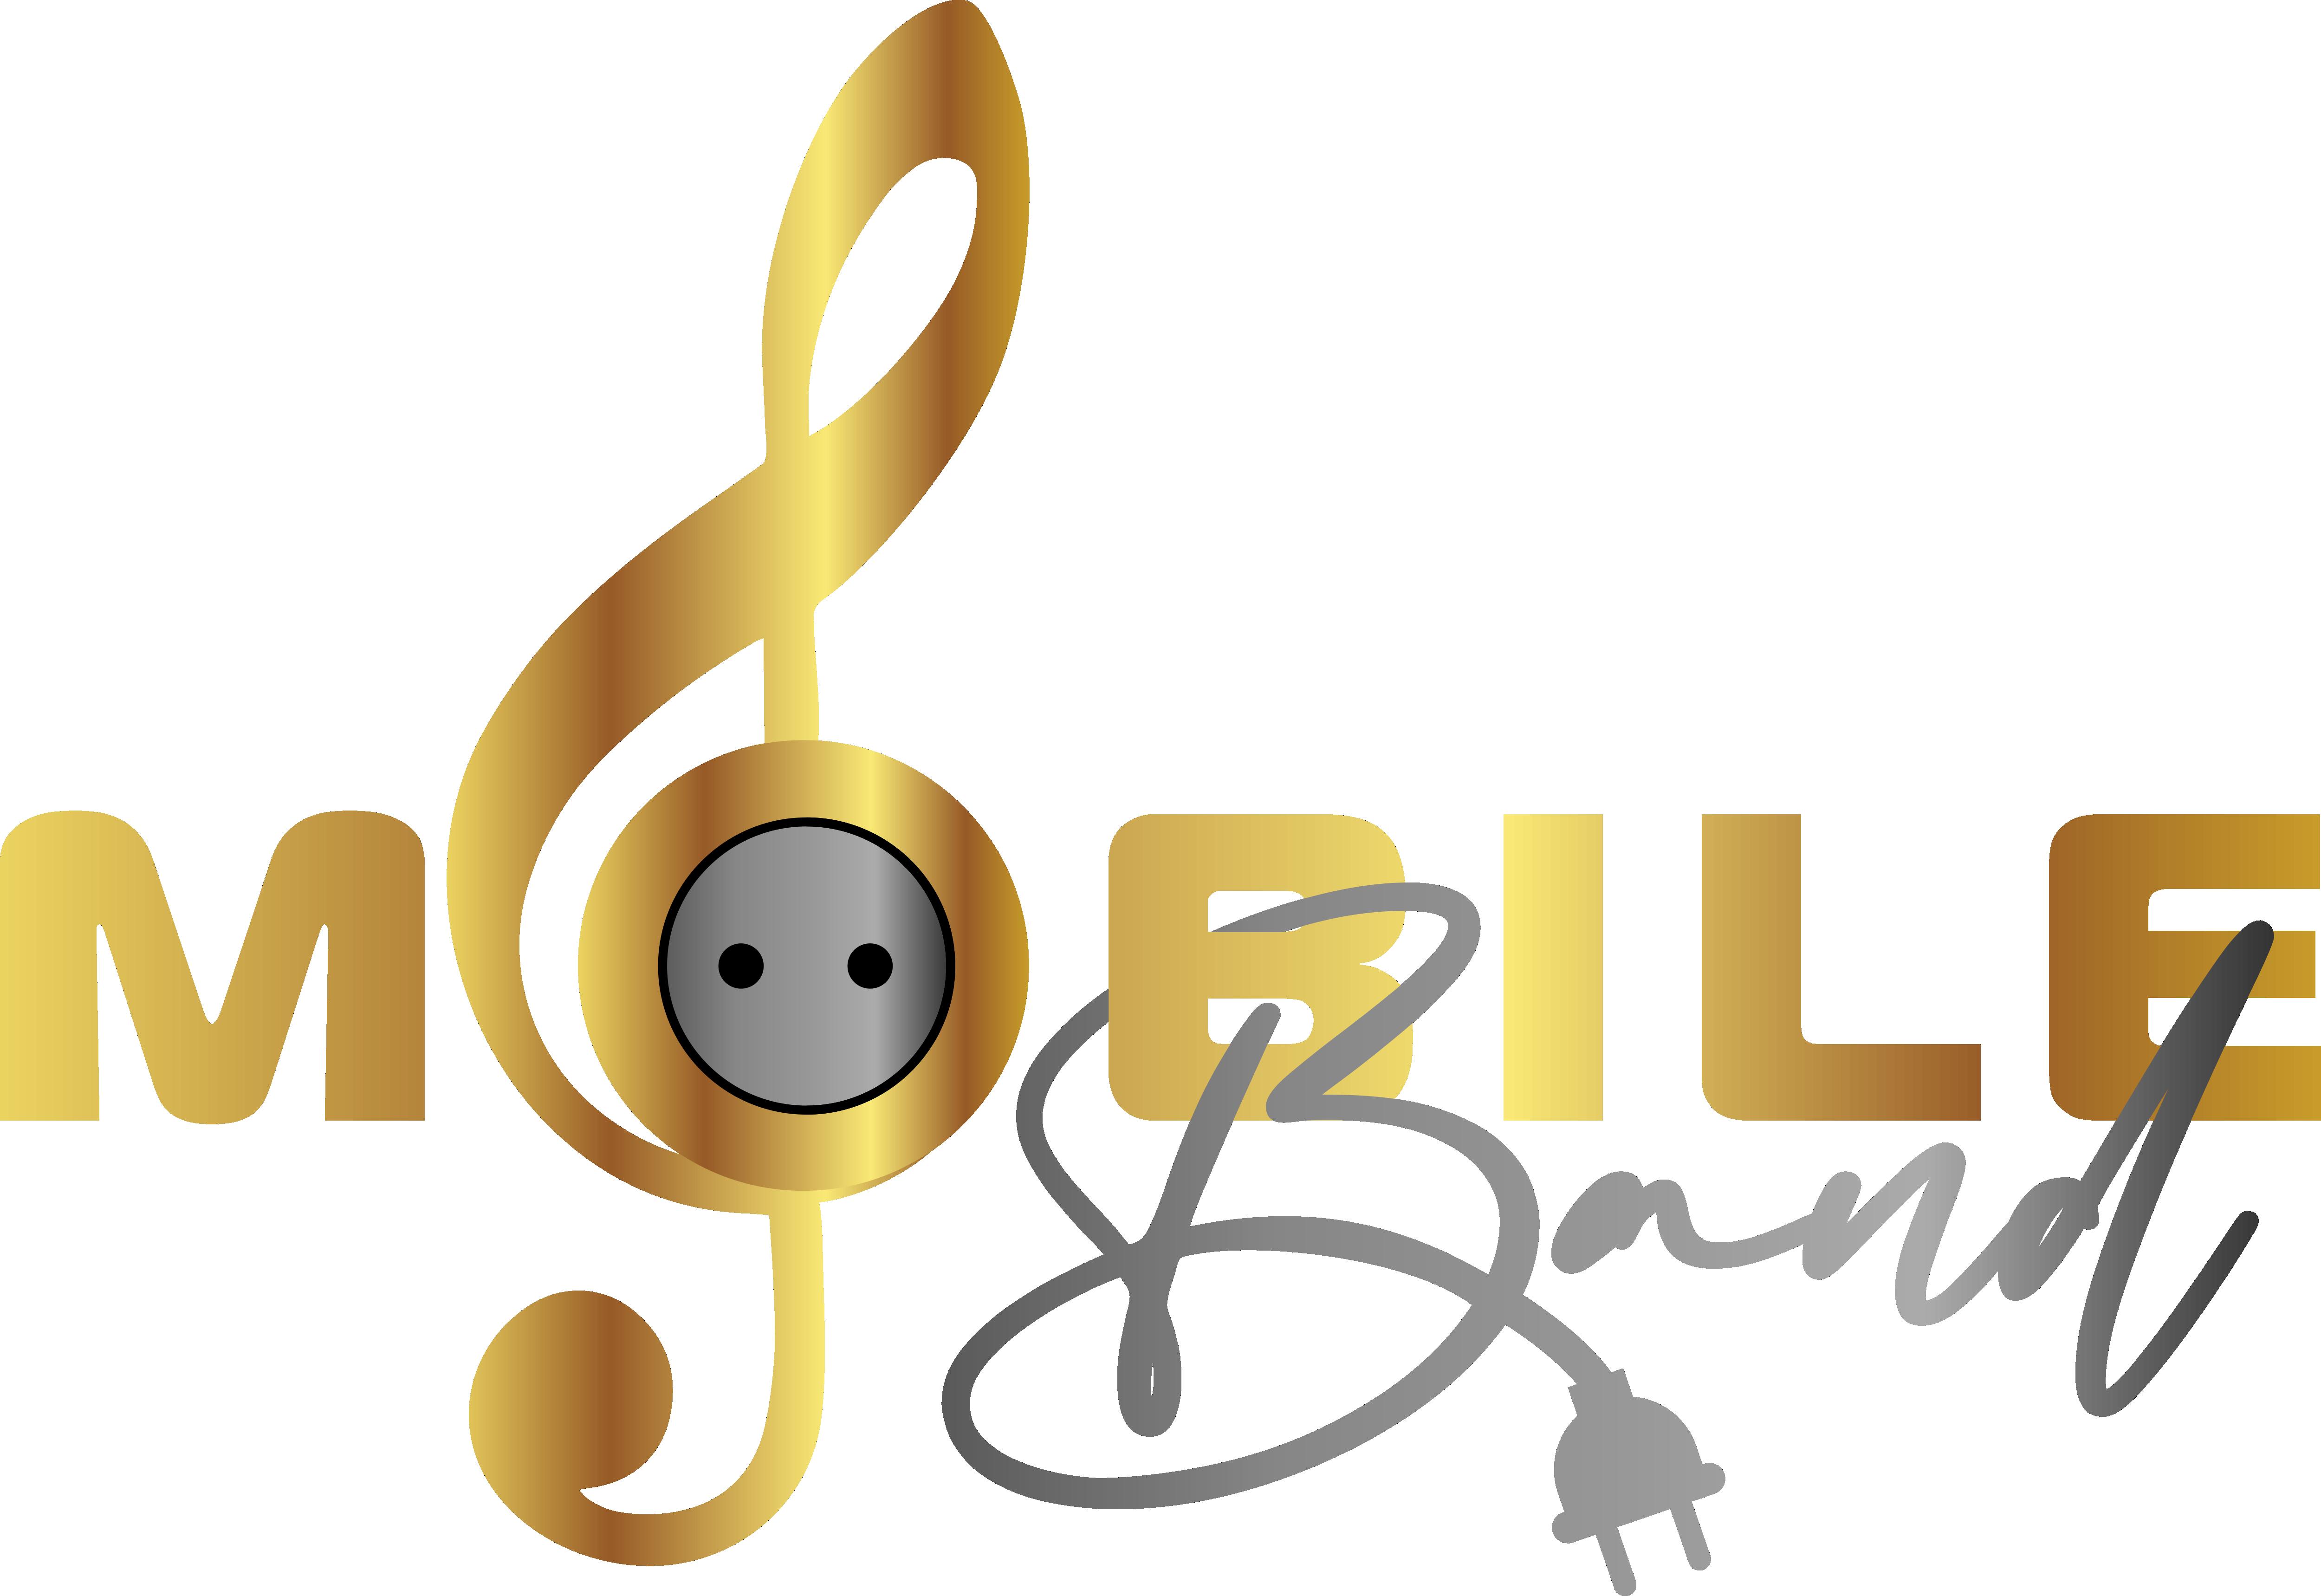 Mobile Band 24